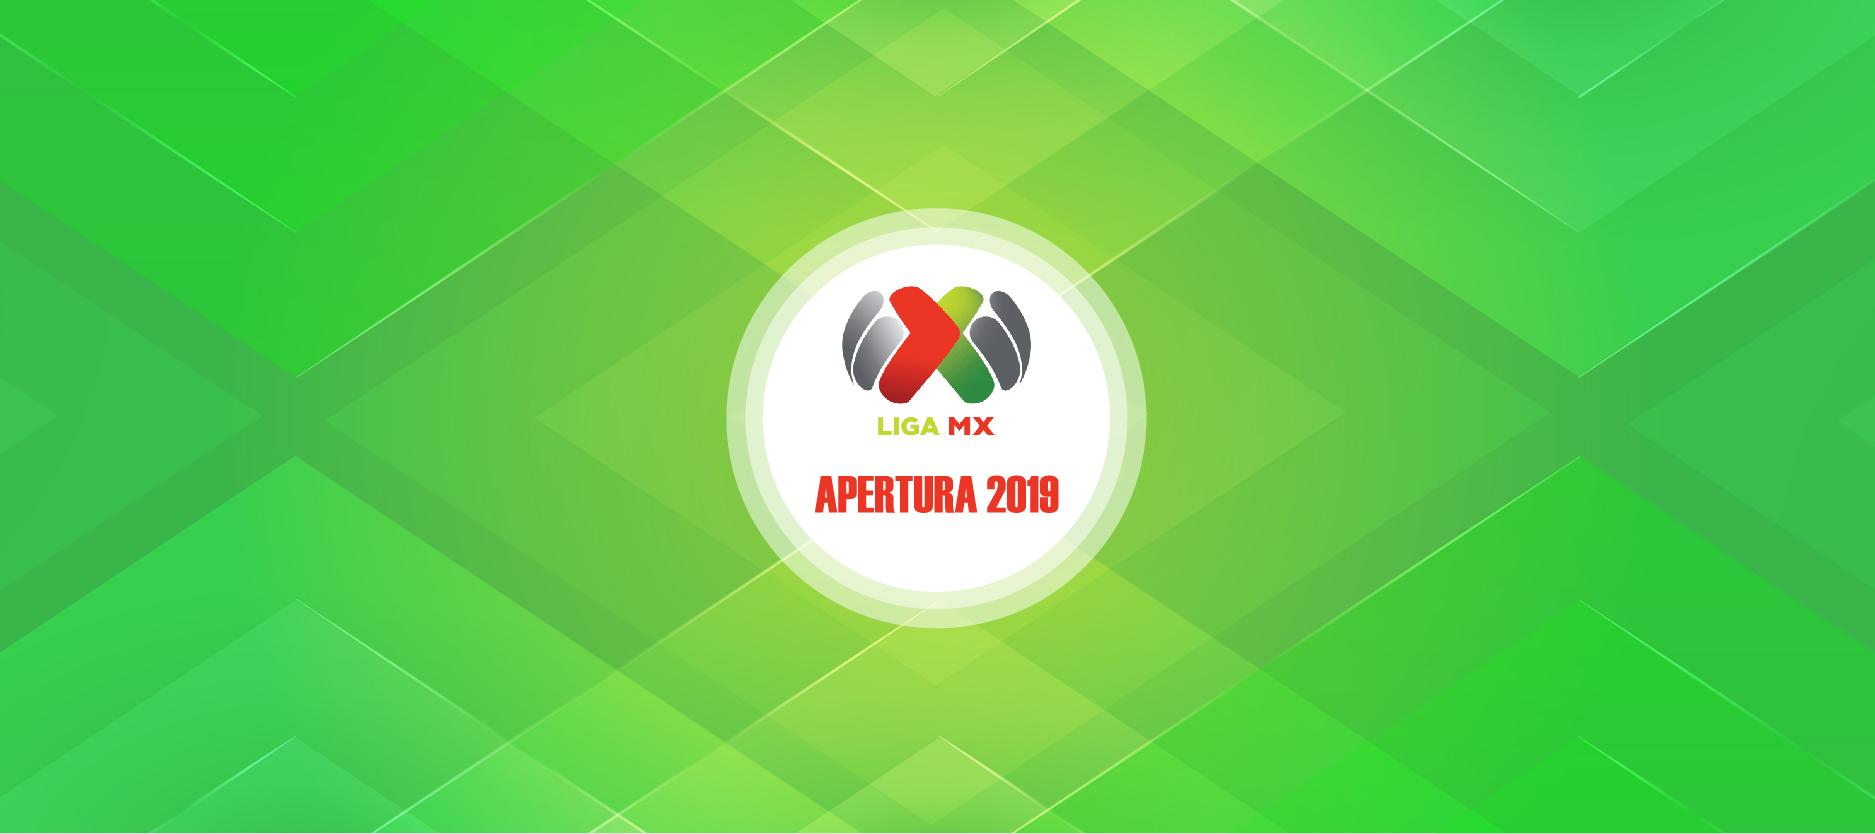 Calendario Liga Mx Apertura 2019 - Pronósticos Deportivos Y Apuestas regarding Calendario Liga Mx 2019 2020